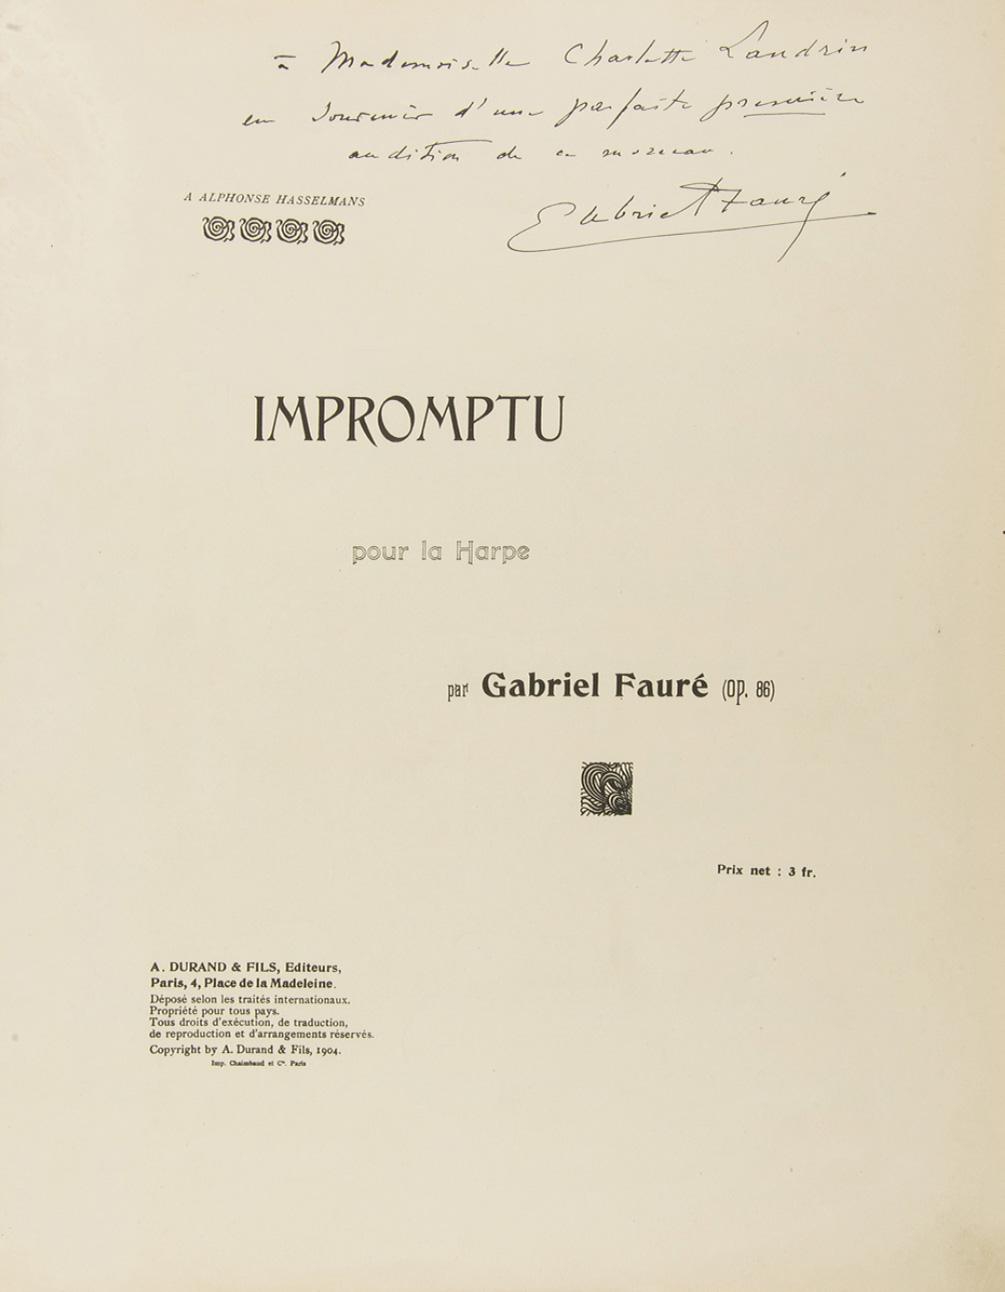 569€ Gabriel Fauré(1845-1924), Impromptu pour la harpe,1904, A.Durand et fils,Paris, première édition.Drouot, 20juin 2018. AderOVV.